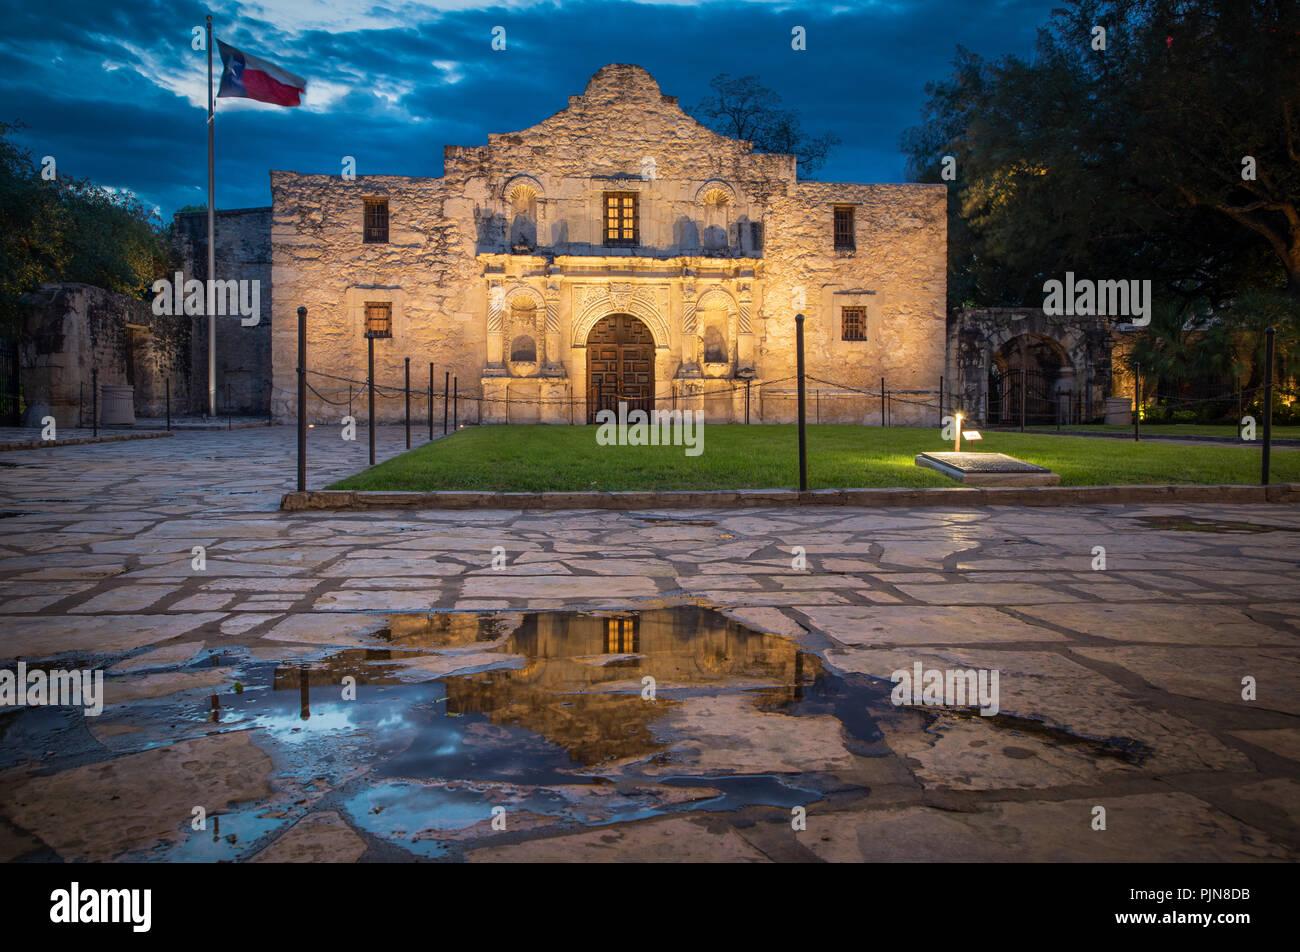 Das Alamo ist eine alte spanische Mission (wie eine Kirche von katholischen Missionaren errichtet, um den Eingeborenen), in San Antonio, Texa Stockbild